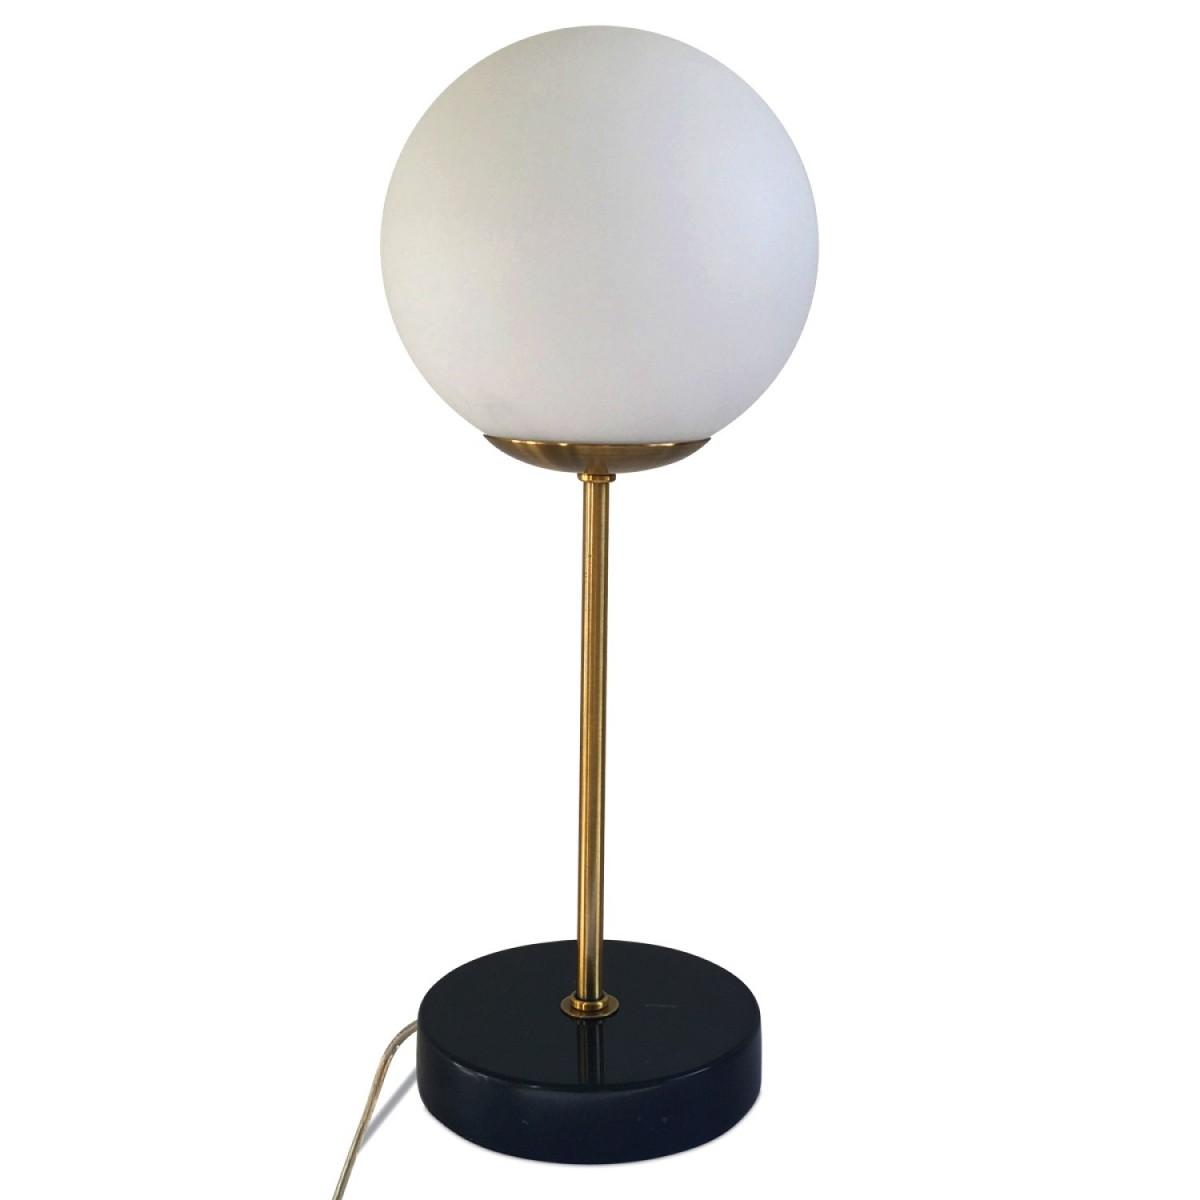 Lampe A Poser Decart Marbre Noir Laiton Lemobilier Ma